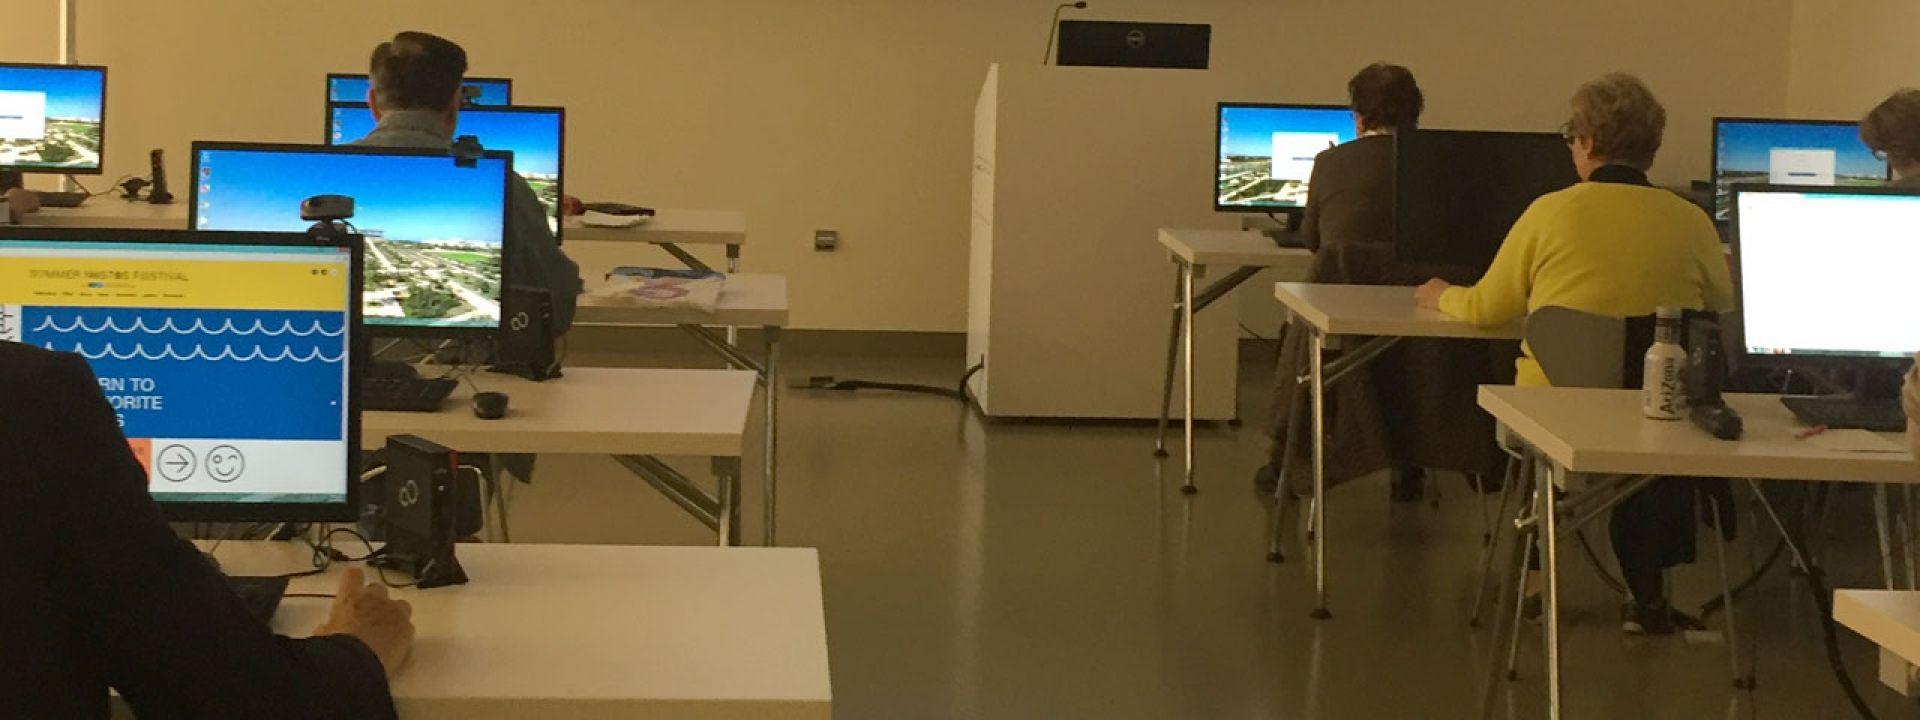 Φωτογραφία από μαθήματα υπολογιστών στο ΚΠΙΣΝ